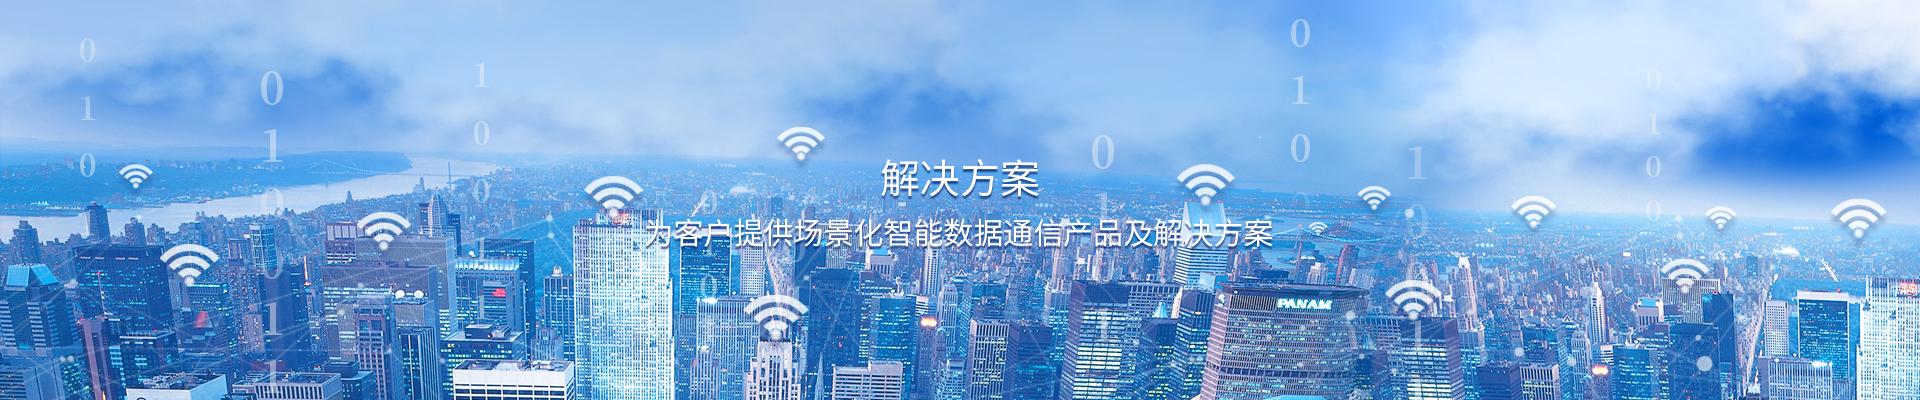 解决方案,深圳市万网博通科技有限公司